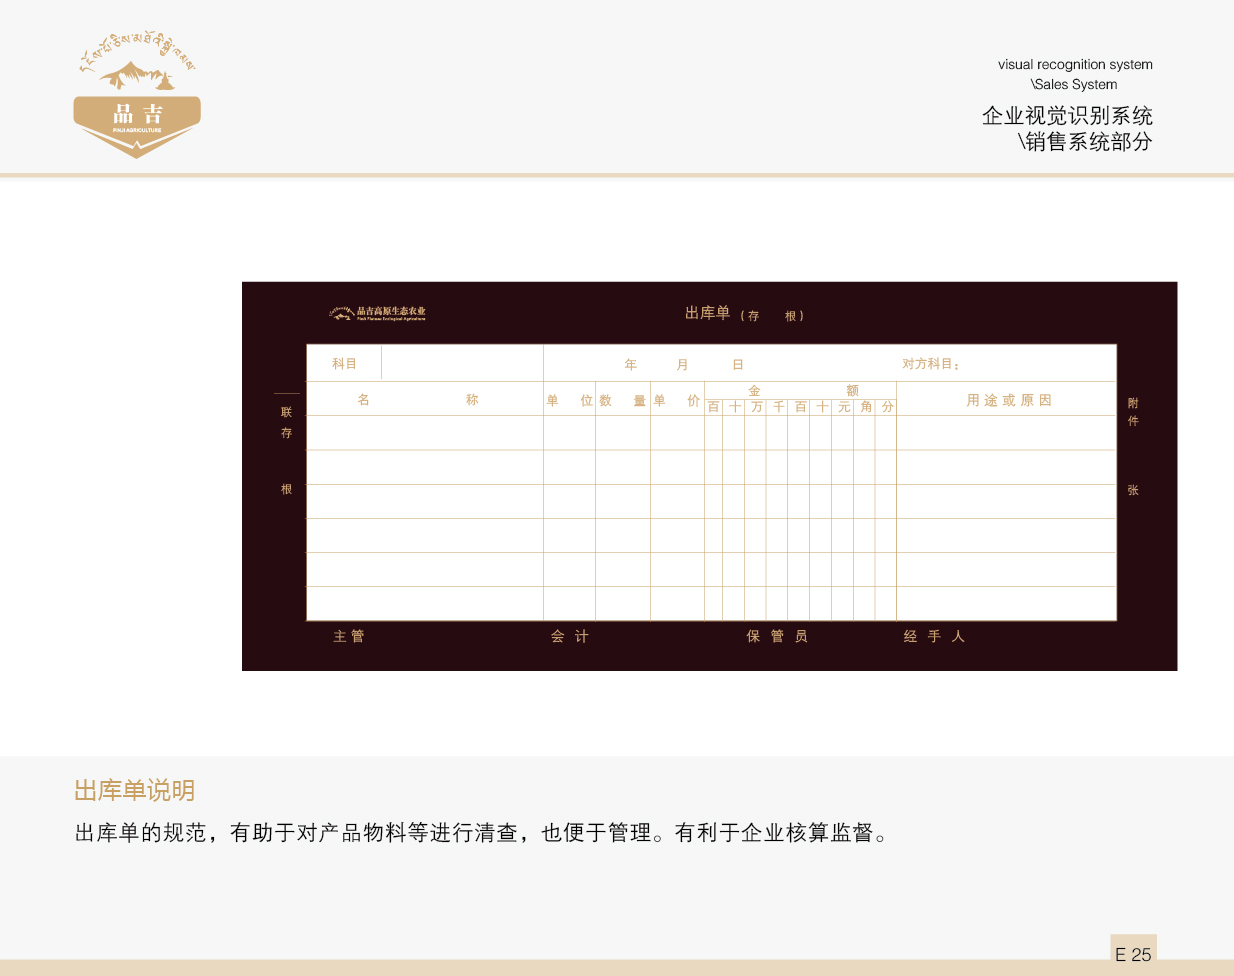 品吉农业VI 销售系统部分  客户资料  第26张